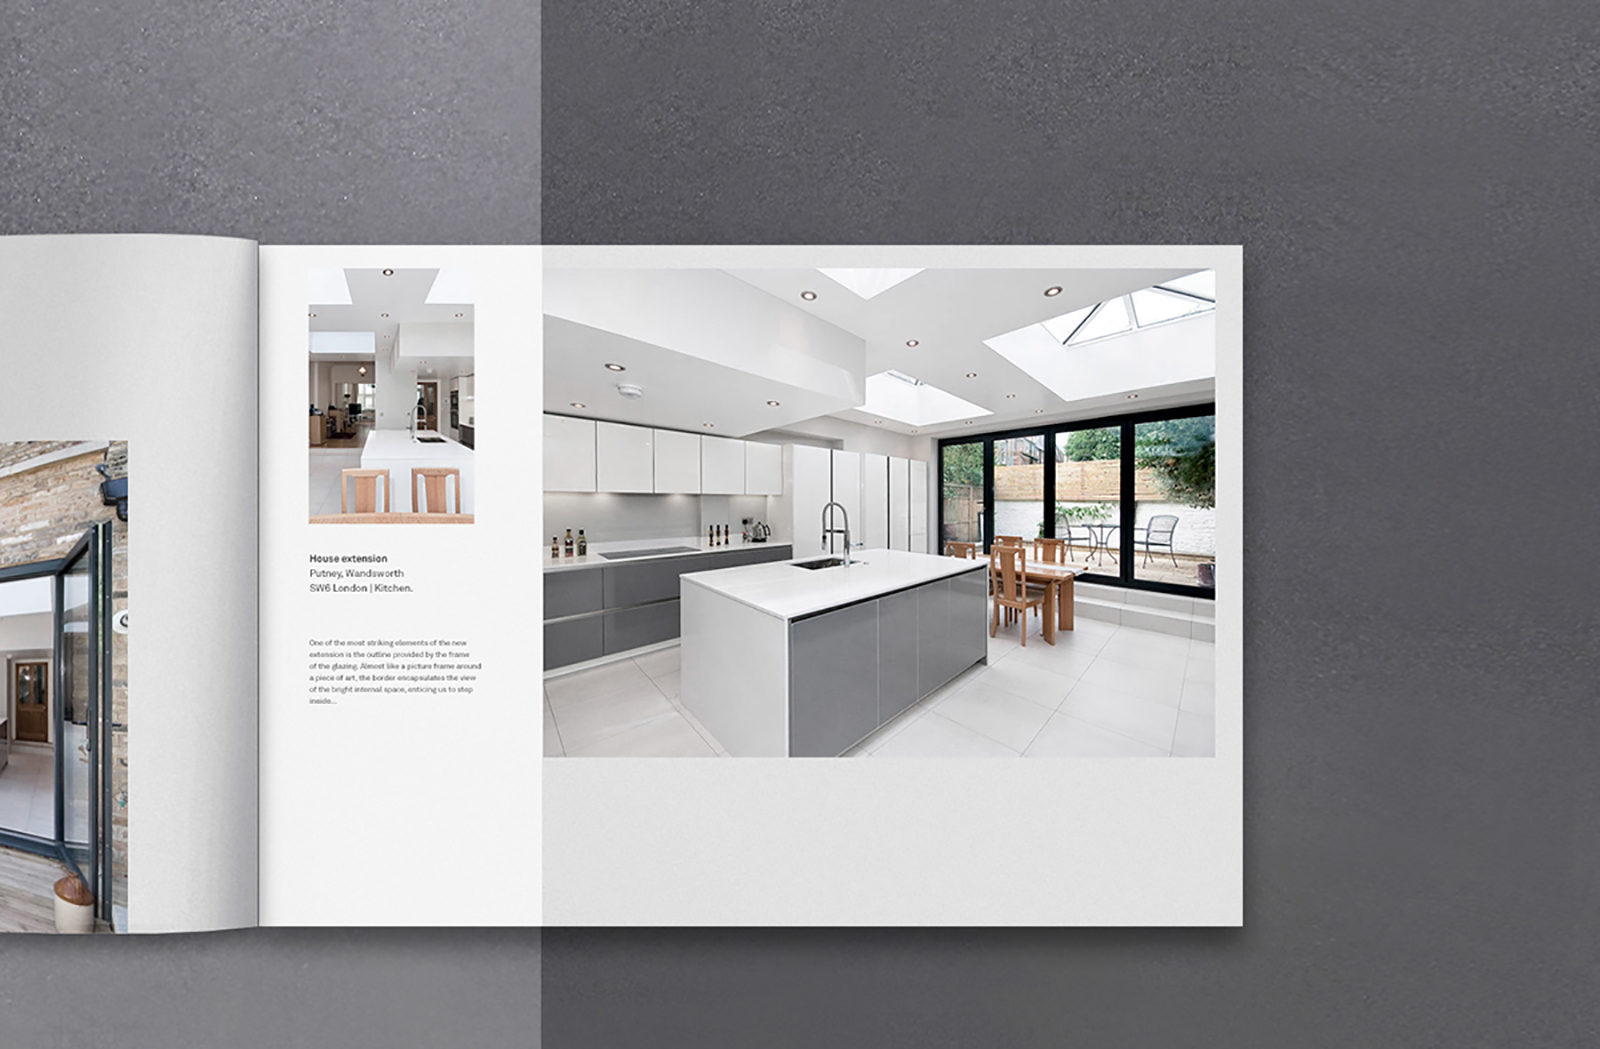 GOAS工作室品牌视觉VI形象设计欣赏-深圳VI设计6